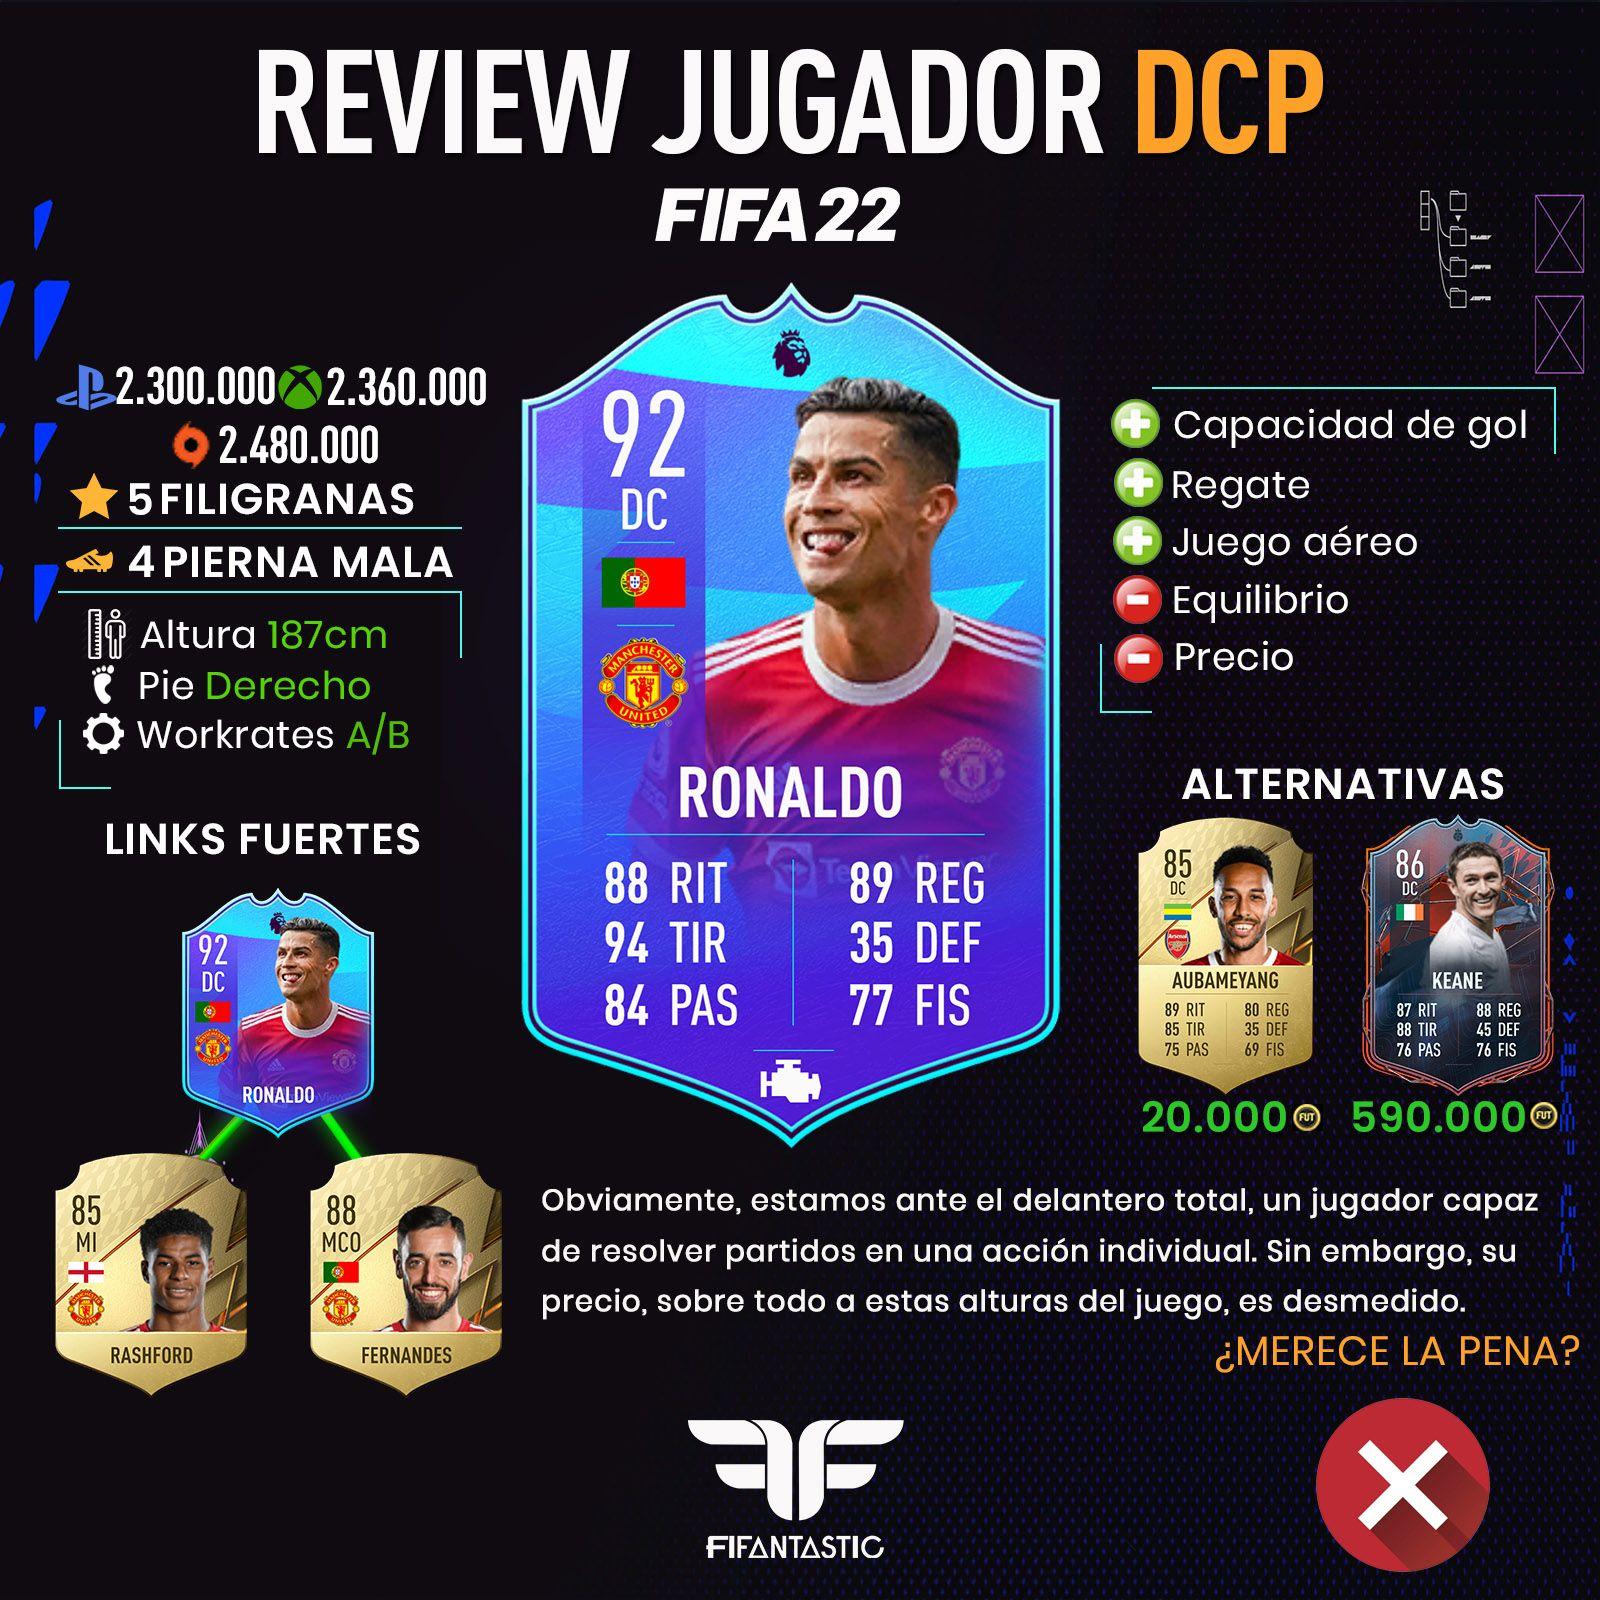 Cristiano Ronaldo POTM en FIFA 22 Ultimate Team